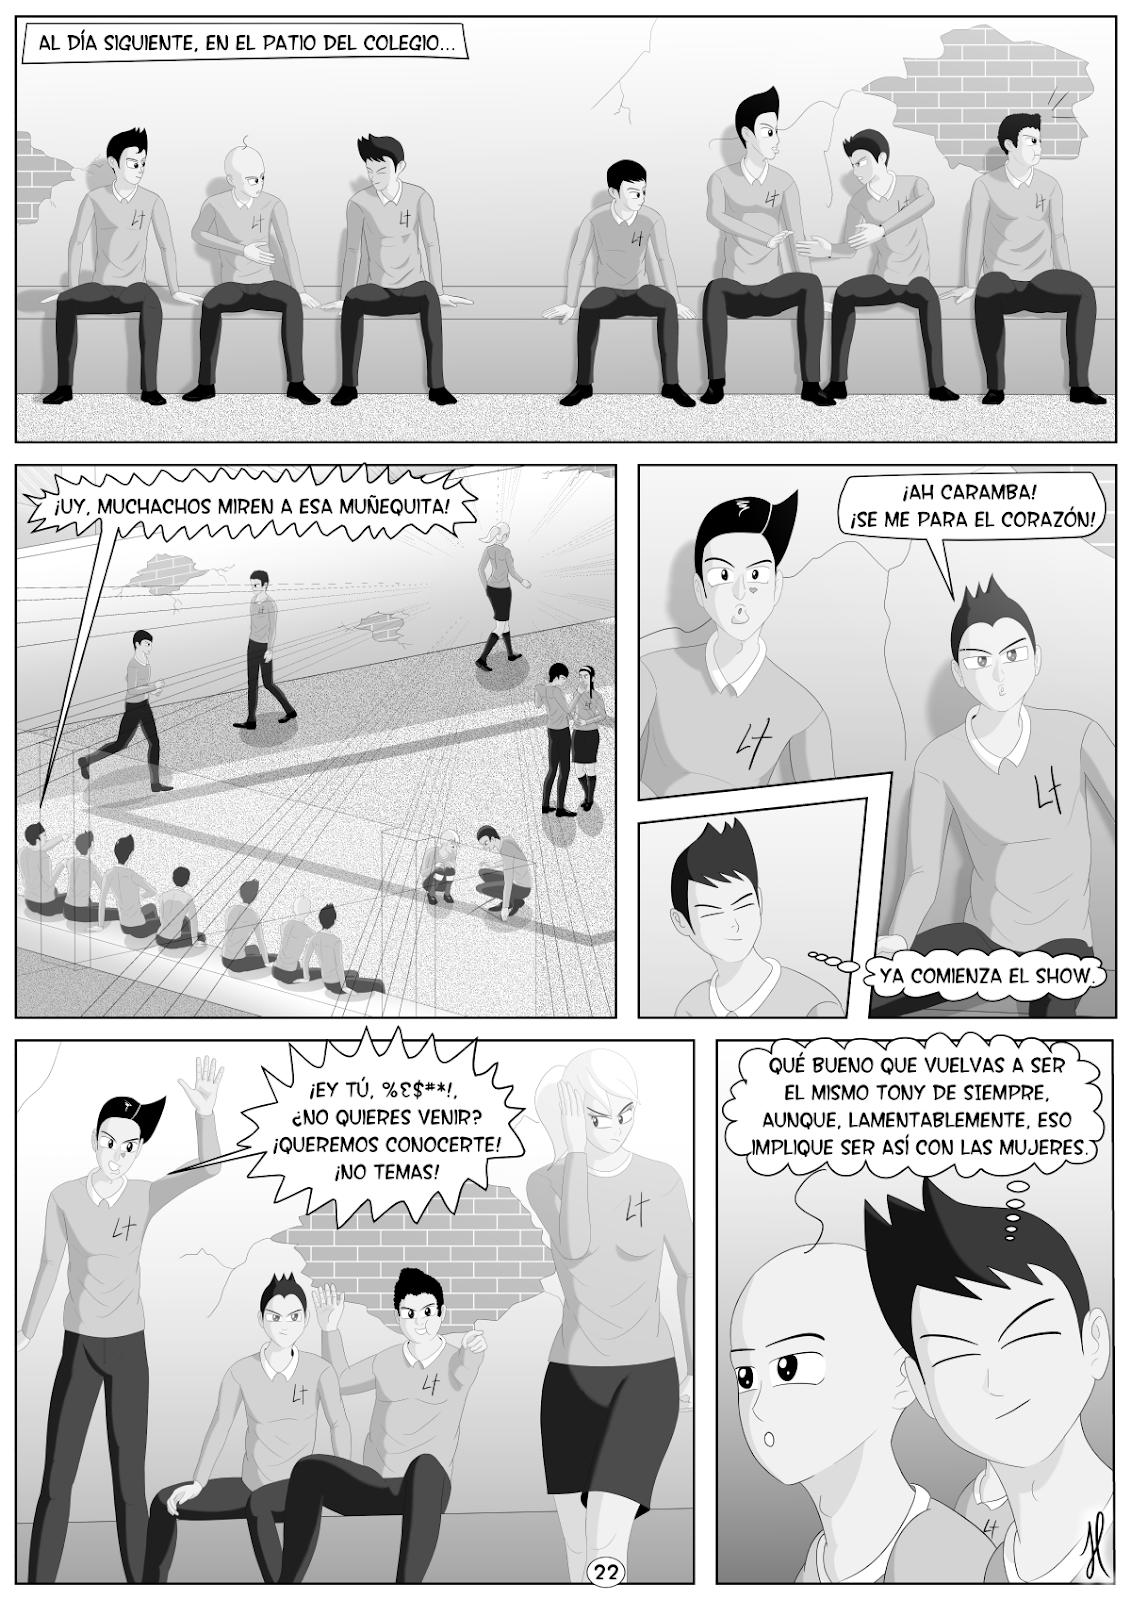 tony-sali-con-tu-mujer-pagina-22